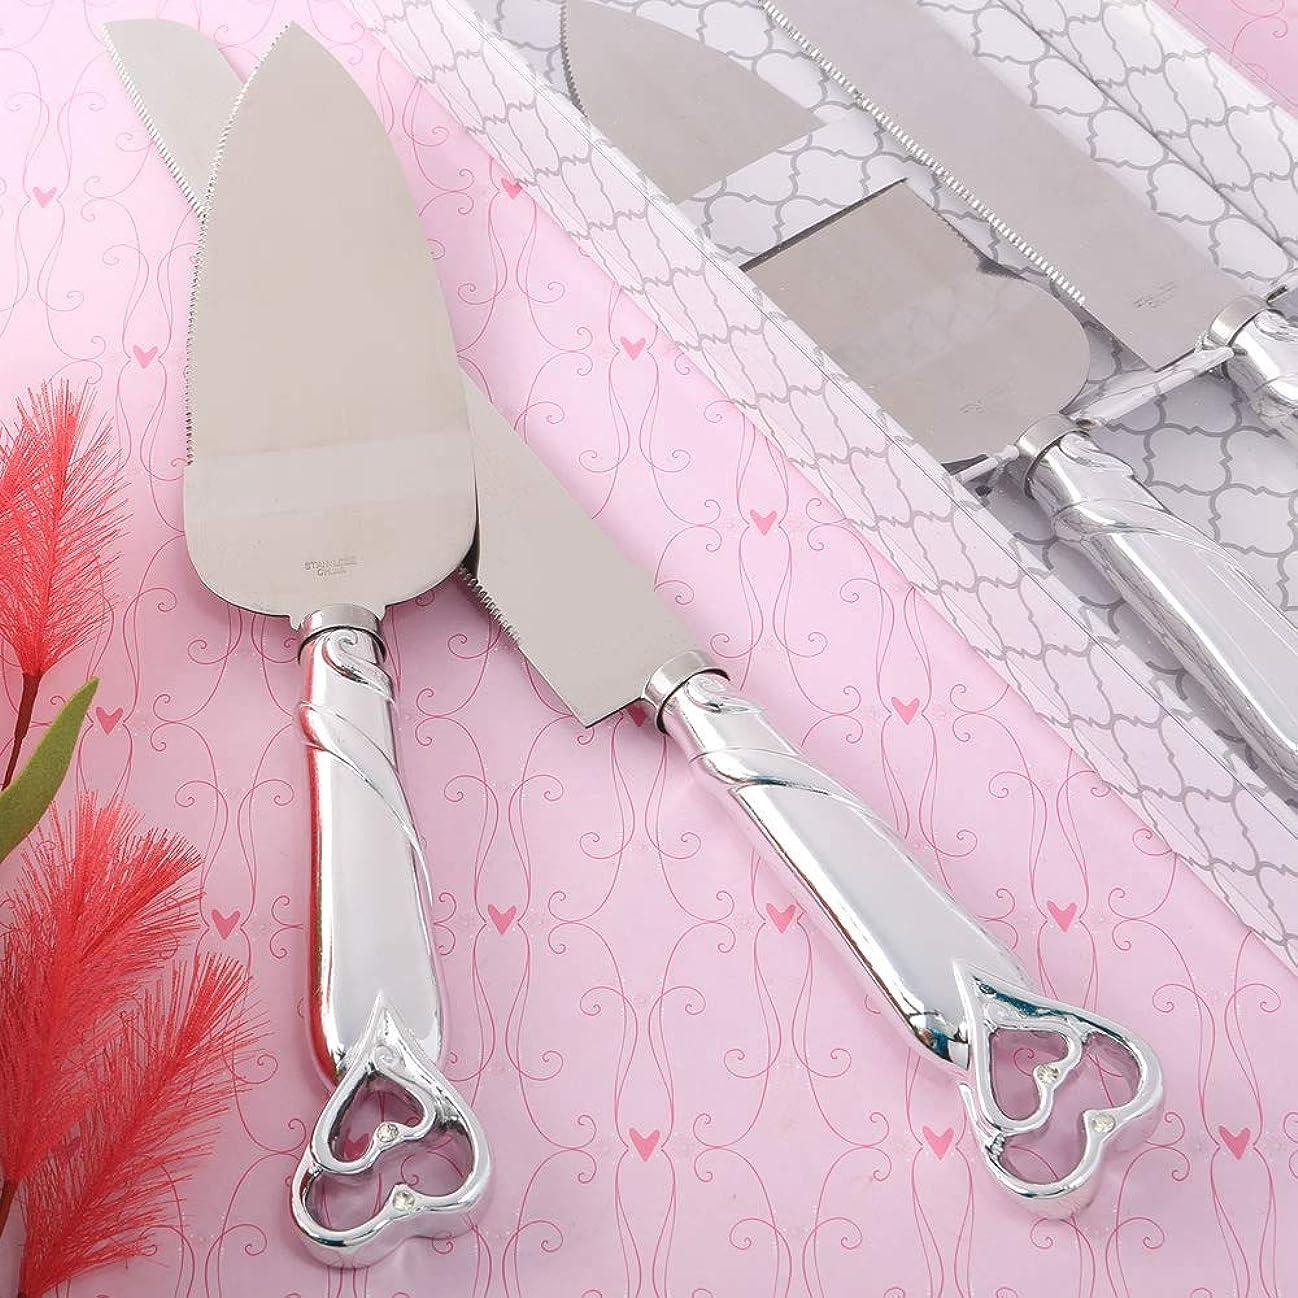 グローバル悲しみ水Fashion Craft 2541 ハートがテーマのケーキナイフ2点セット ステンレススチールの刃と光沢のあるシルバーのハンドル付き フリーサイズ グレー